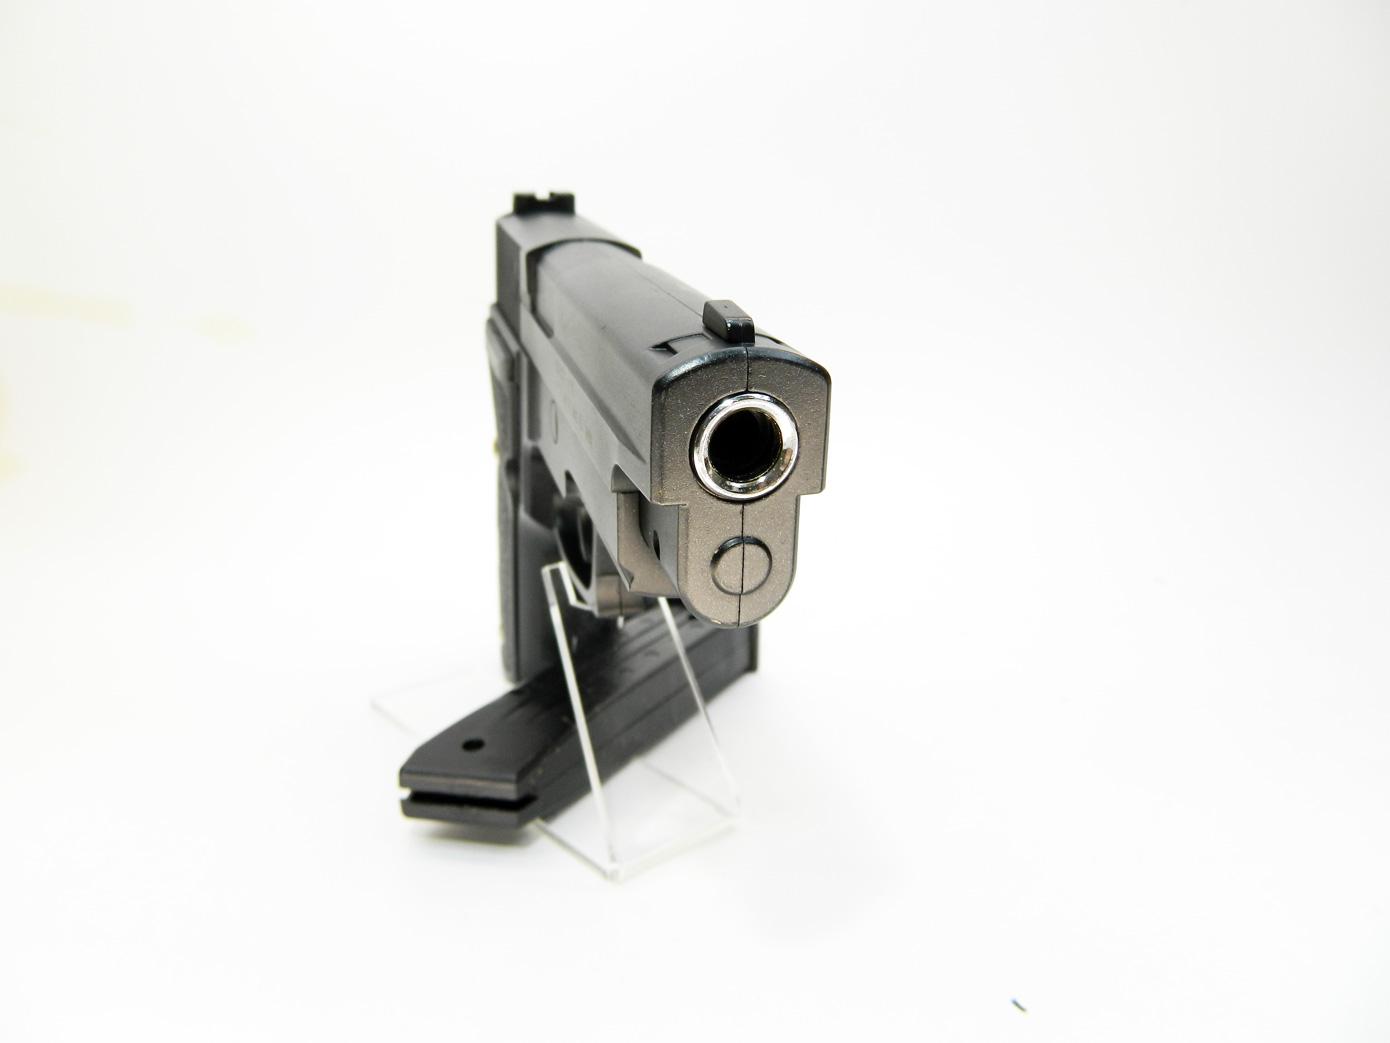 Sig P226 масштаб 1:1 изображение 3